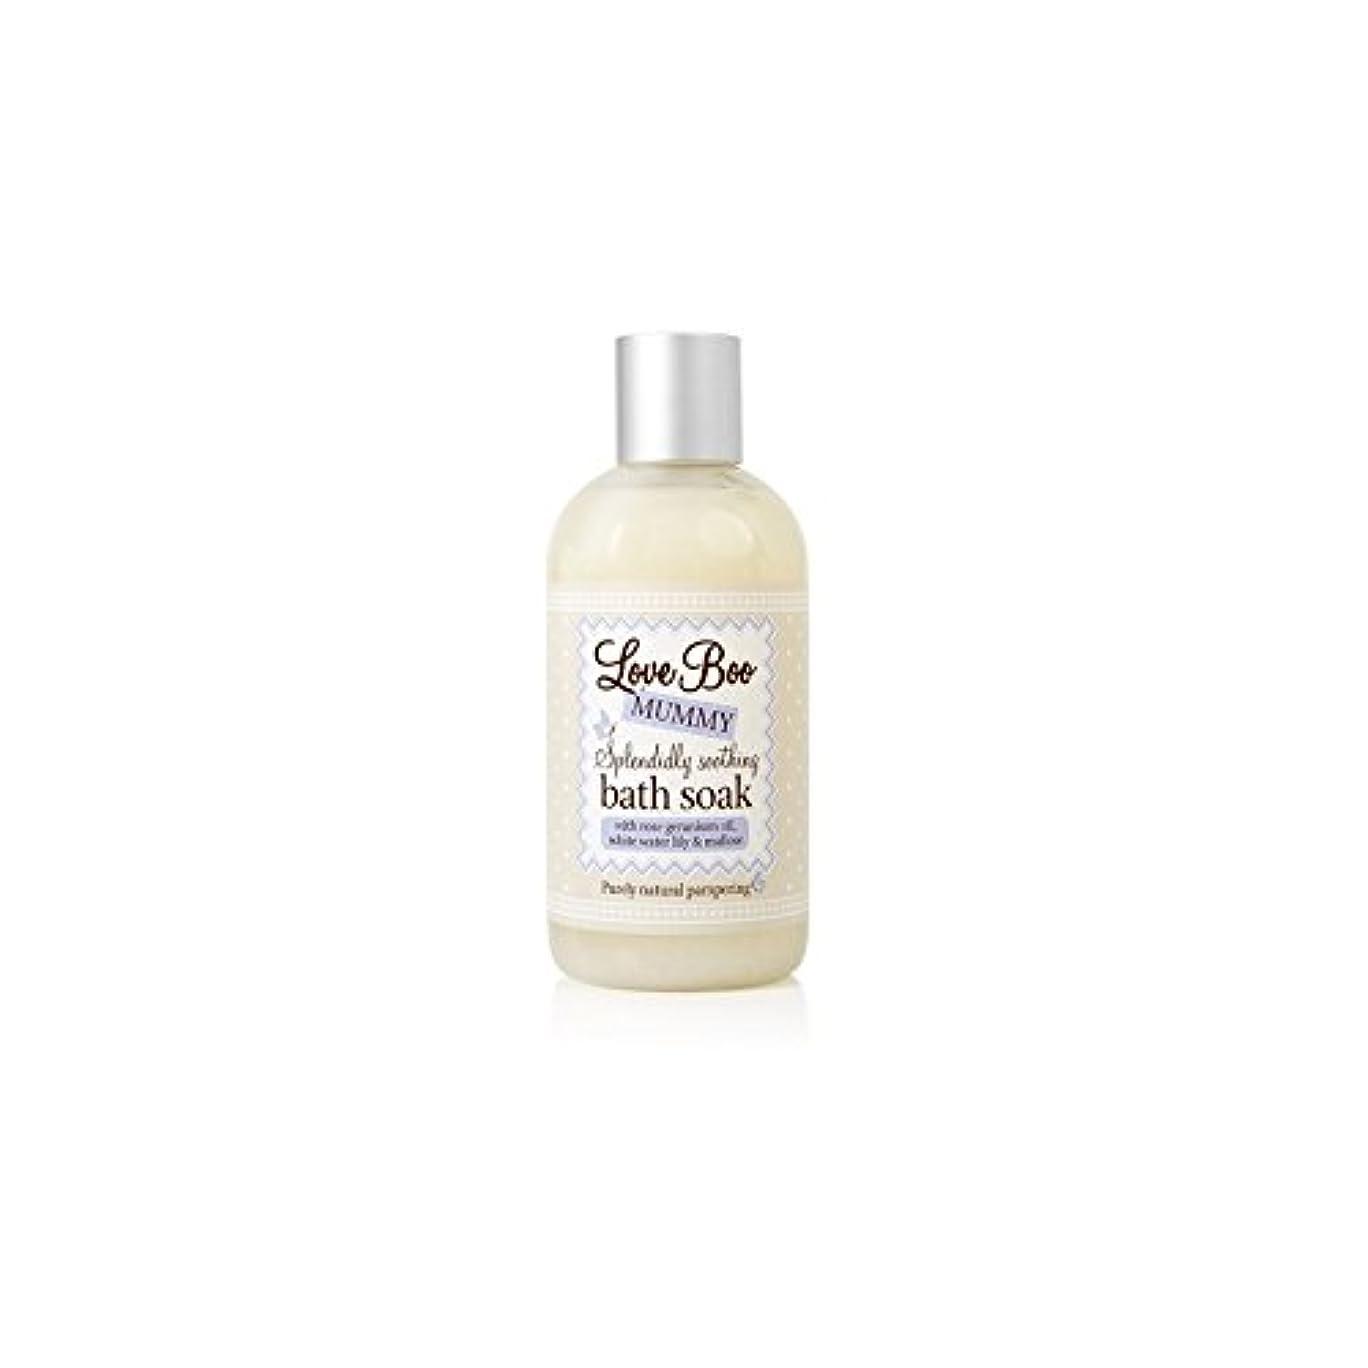 哀れな熱心な上げるLove Boo Splendidly Soothing Bath Soak (250ml) - ブーイング見事なだめるようなお風呂が大好き(250ミリリットル)を浸します [並行輸入品]